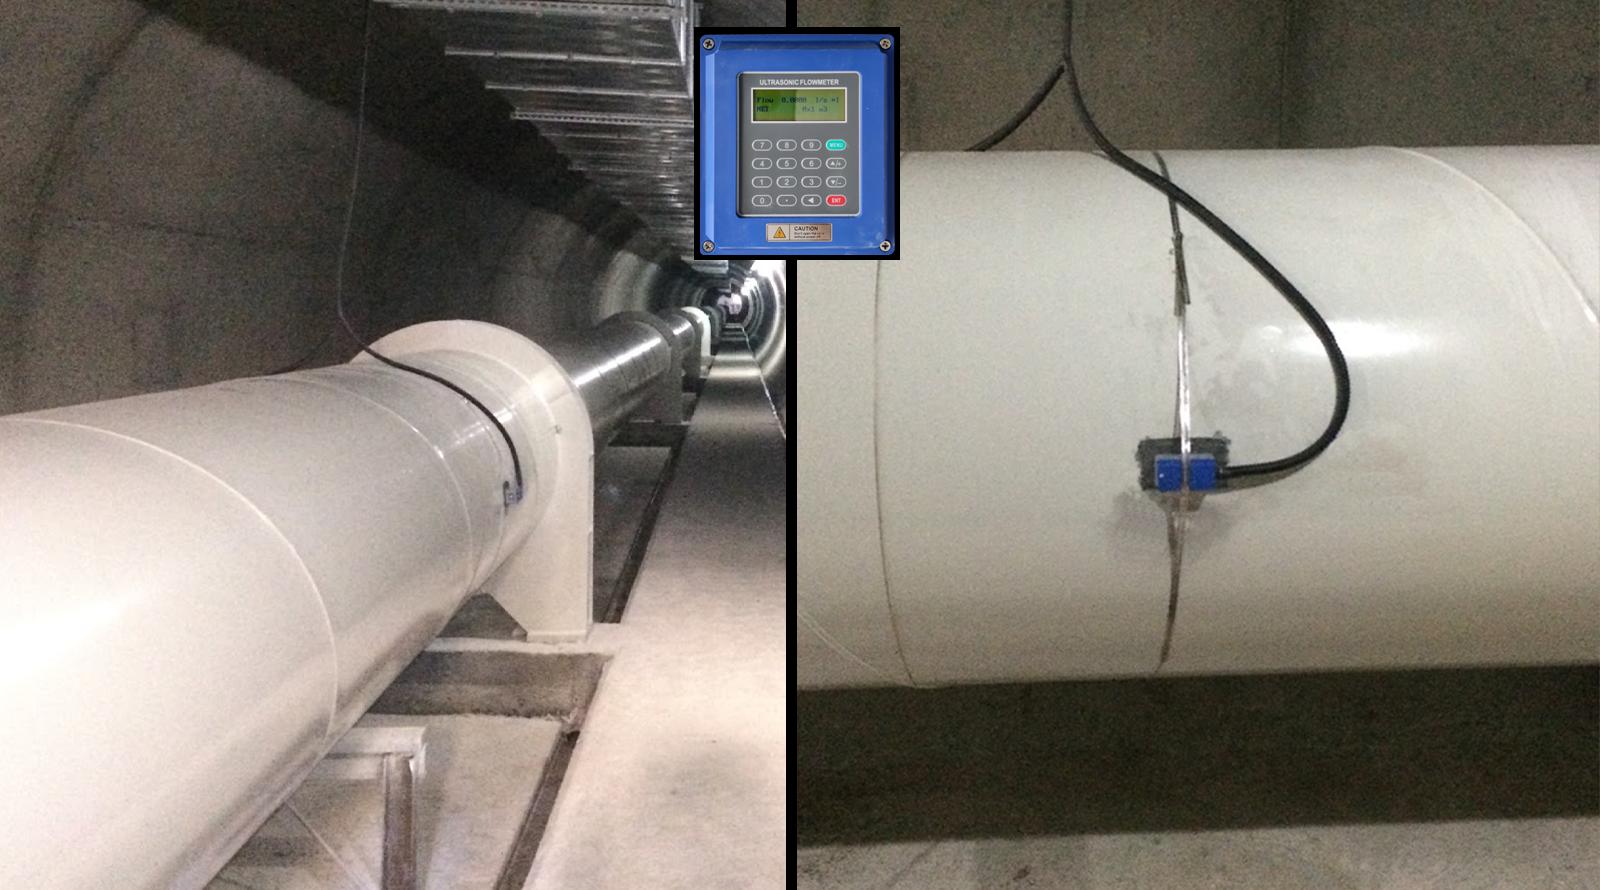 Tünelde Ultrasonik Debimetreli Ölçüm